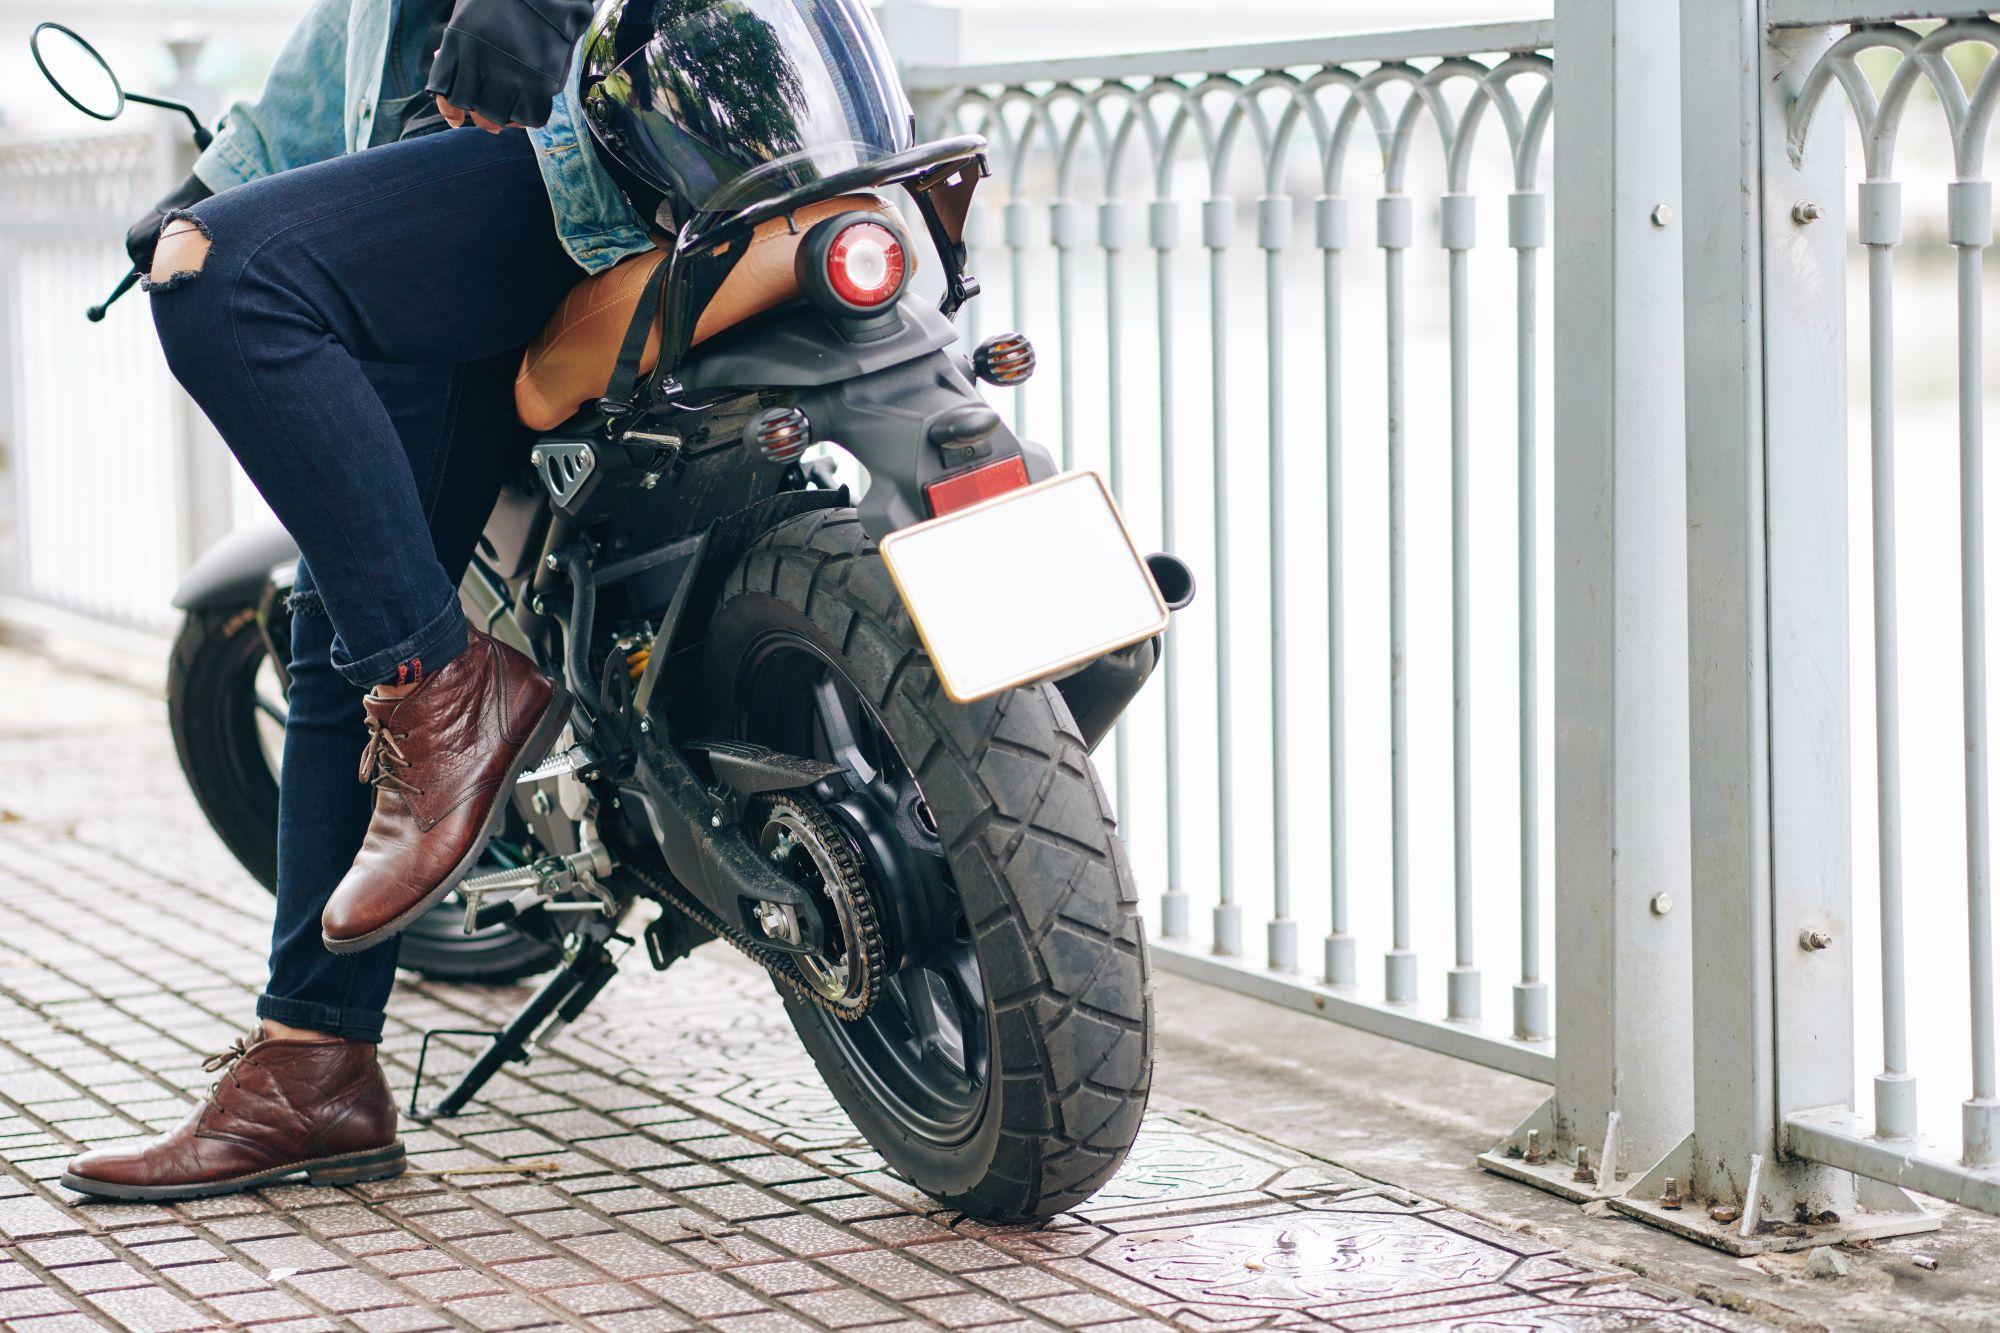 Bőrből készült rövid szárú motoros csizmát viselő férfi ül a motorján